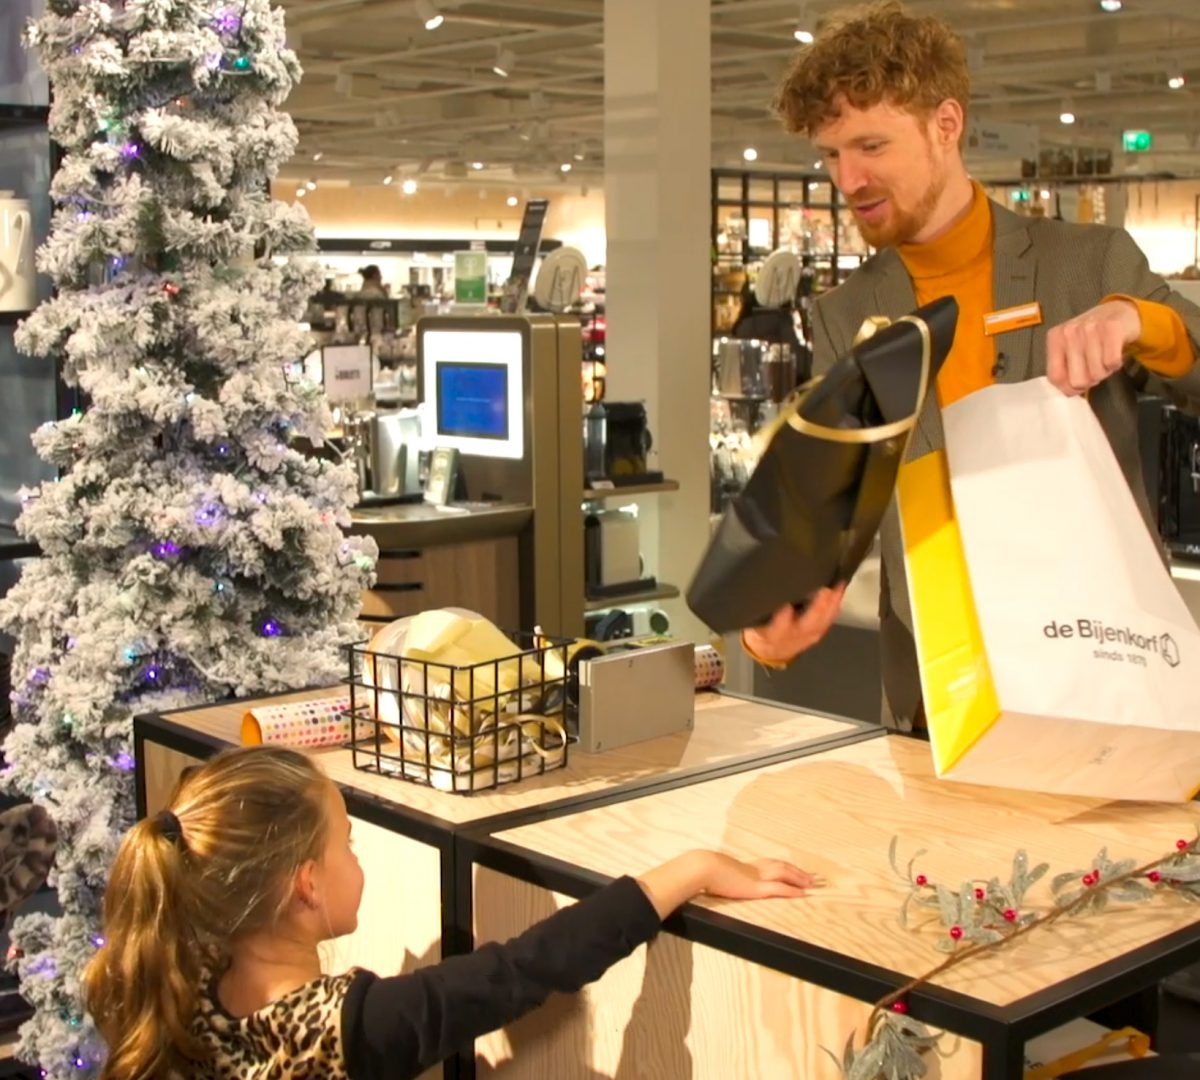 Kerstcampagne van de Bijenkorf